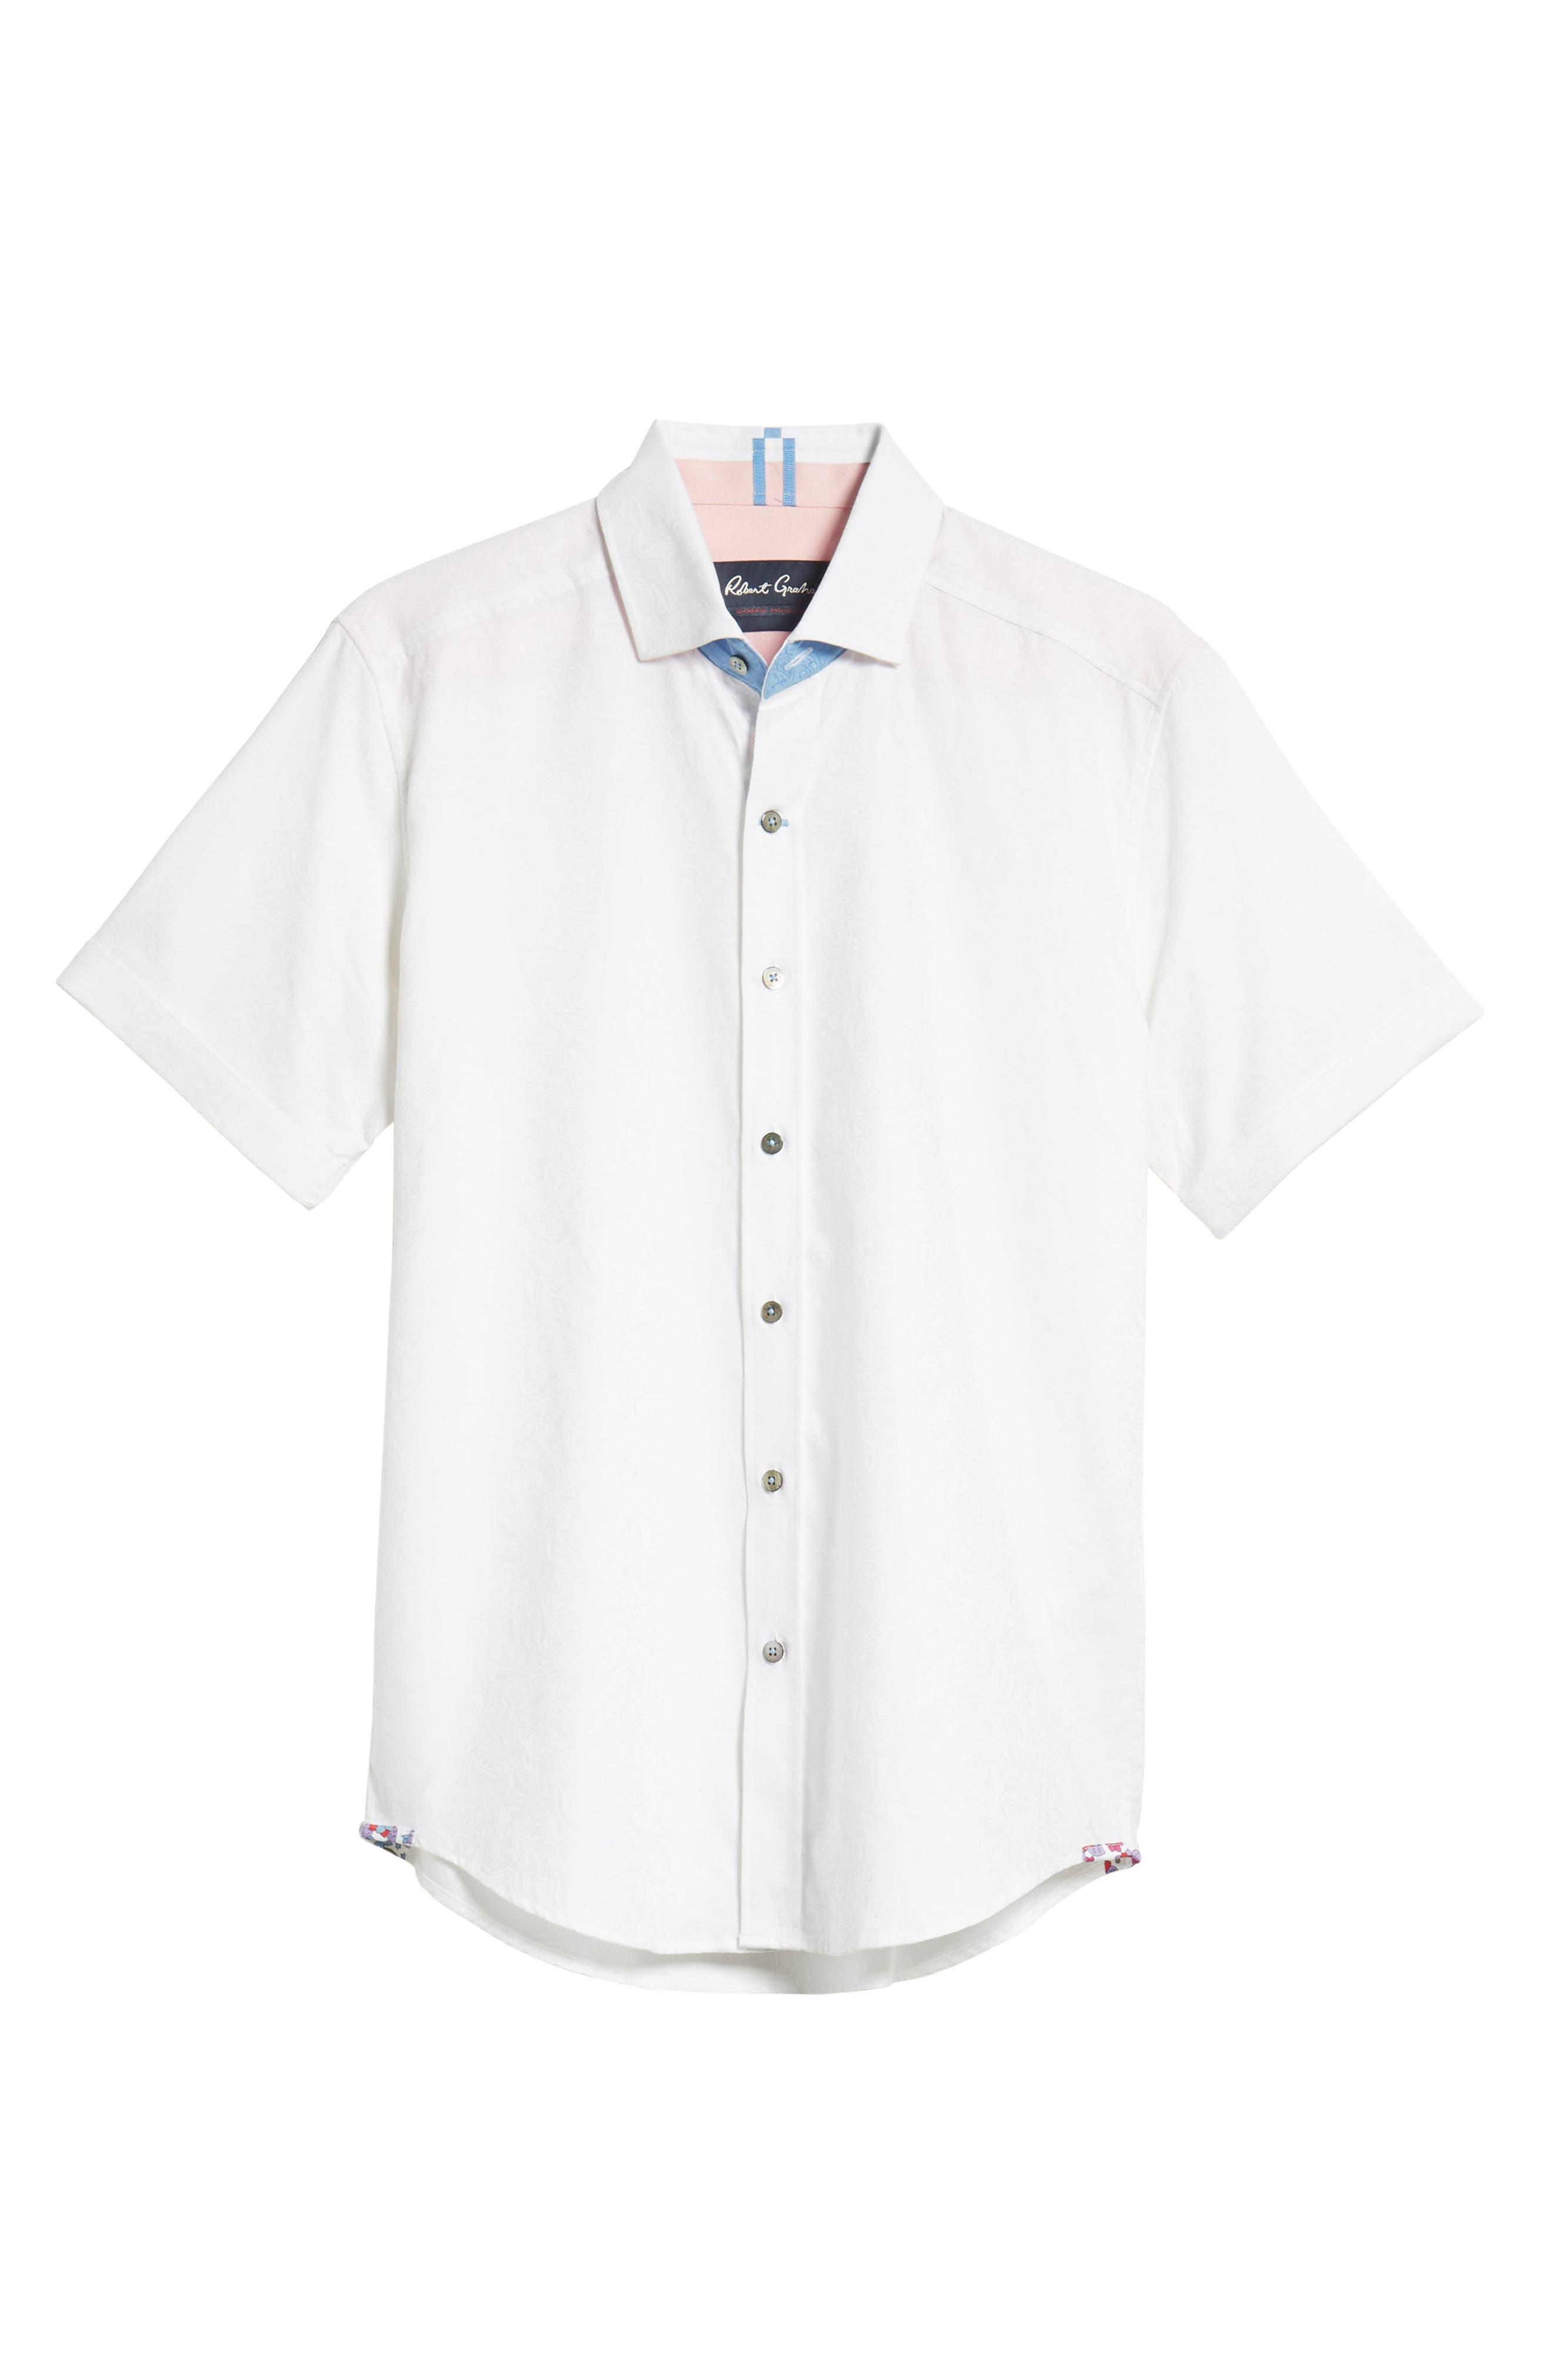 Abbott Sport Shirt,                             Alternate thumbnail 5, color,                             100